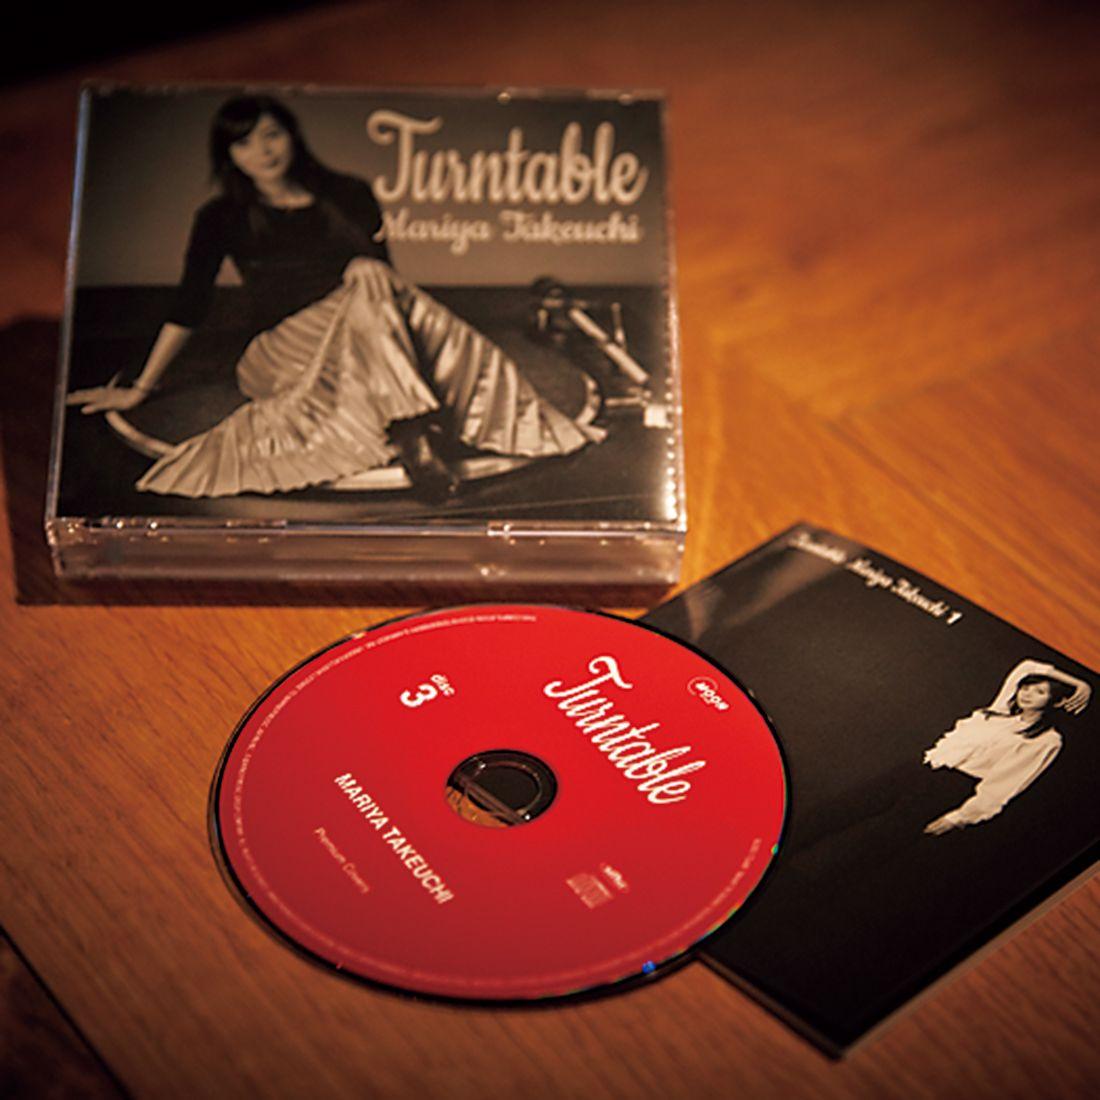 店内には、竹内まりやのアルバム『ターンテーブル』が流れる。